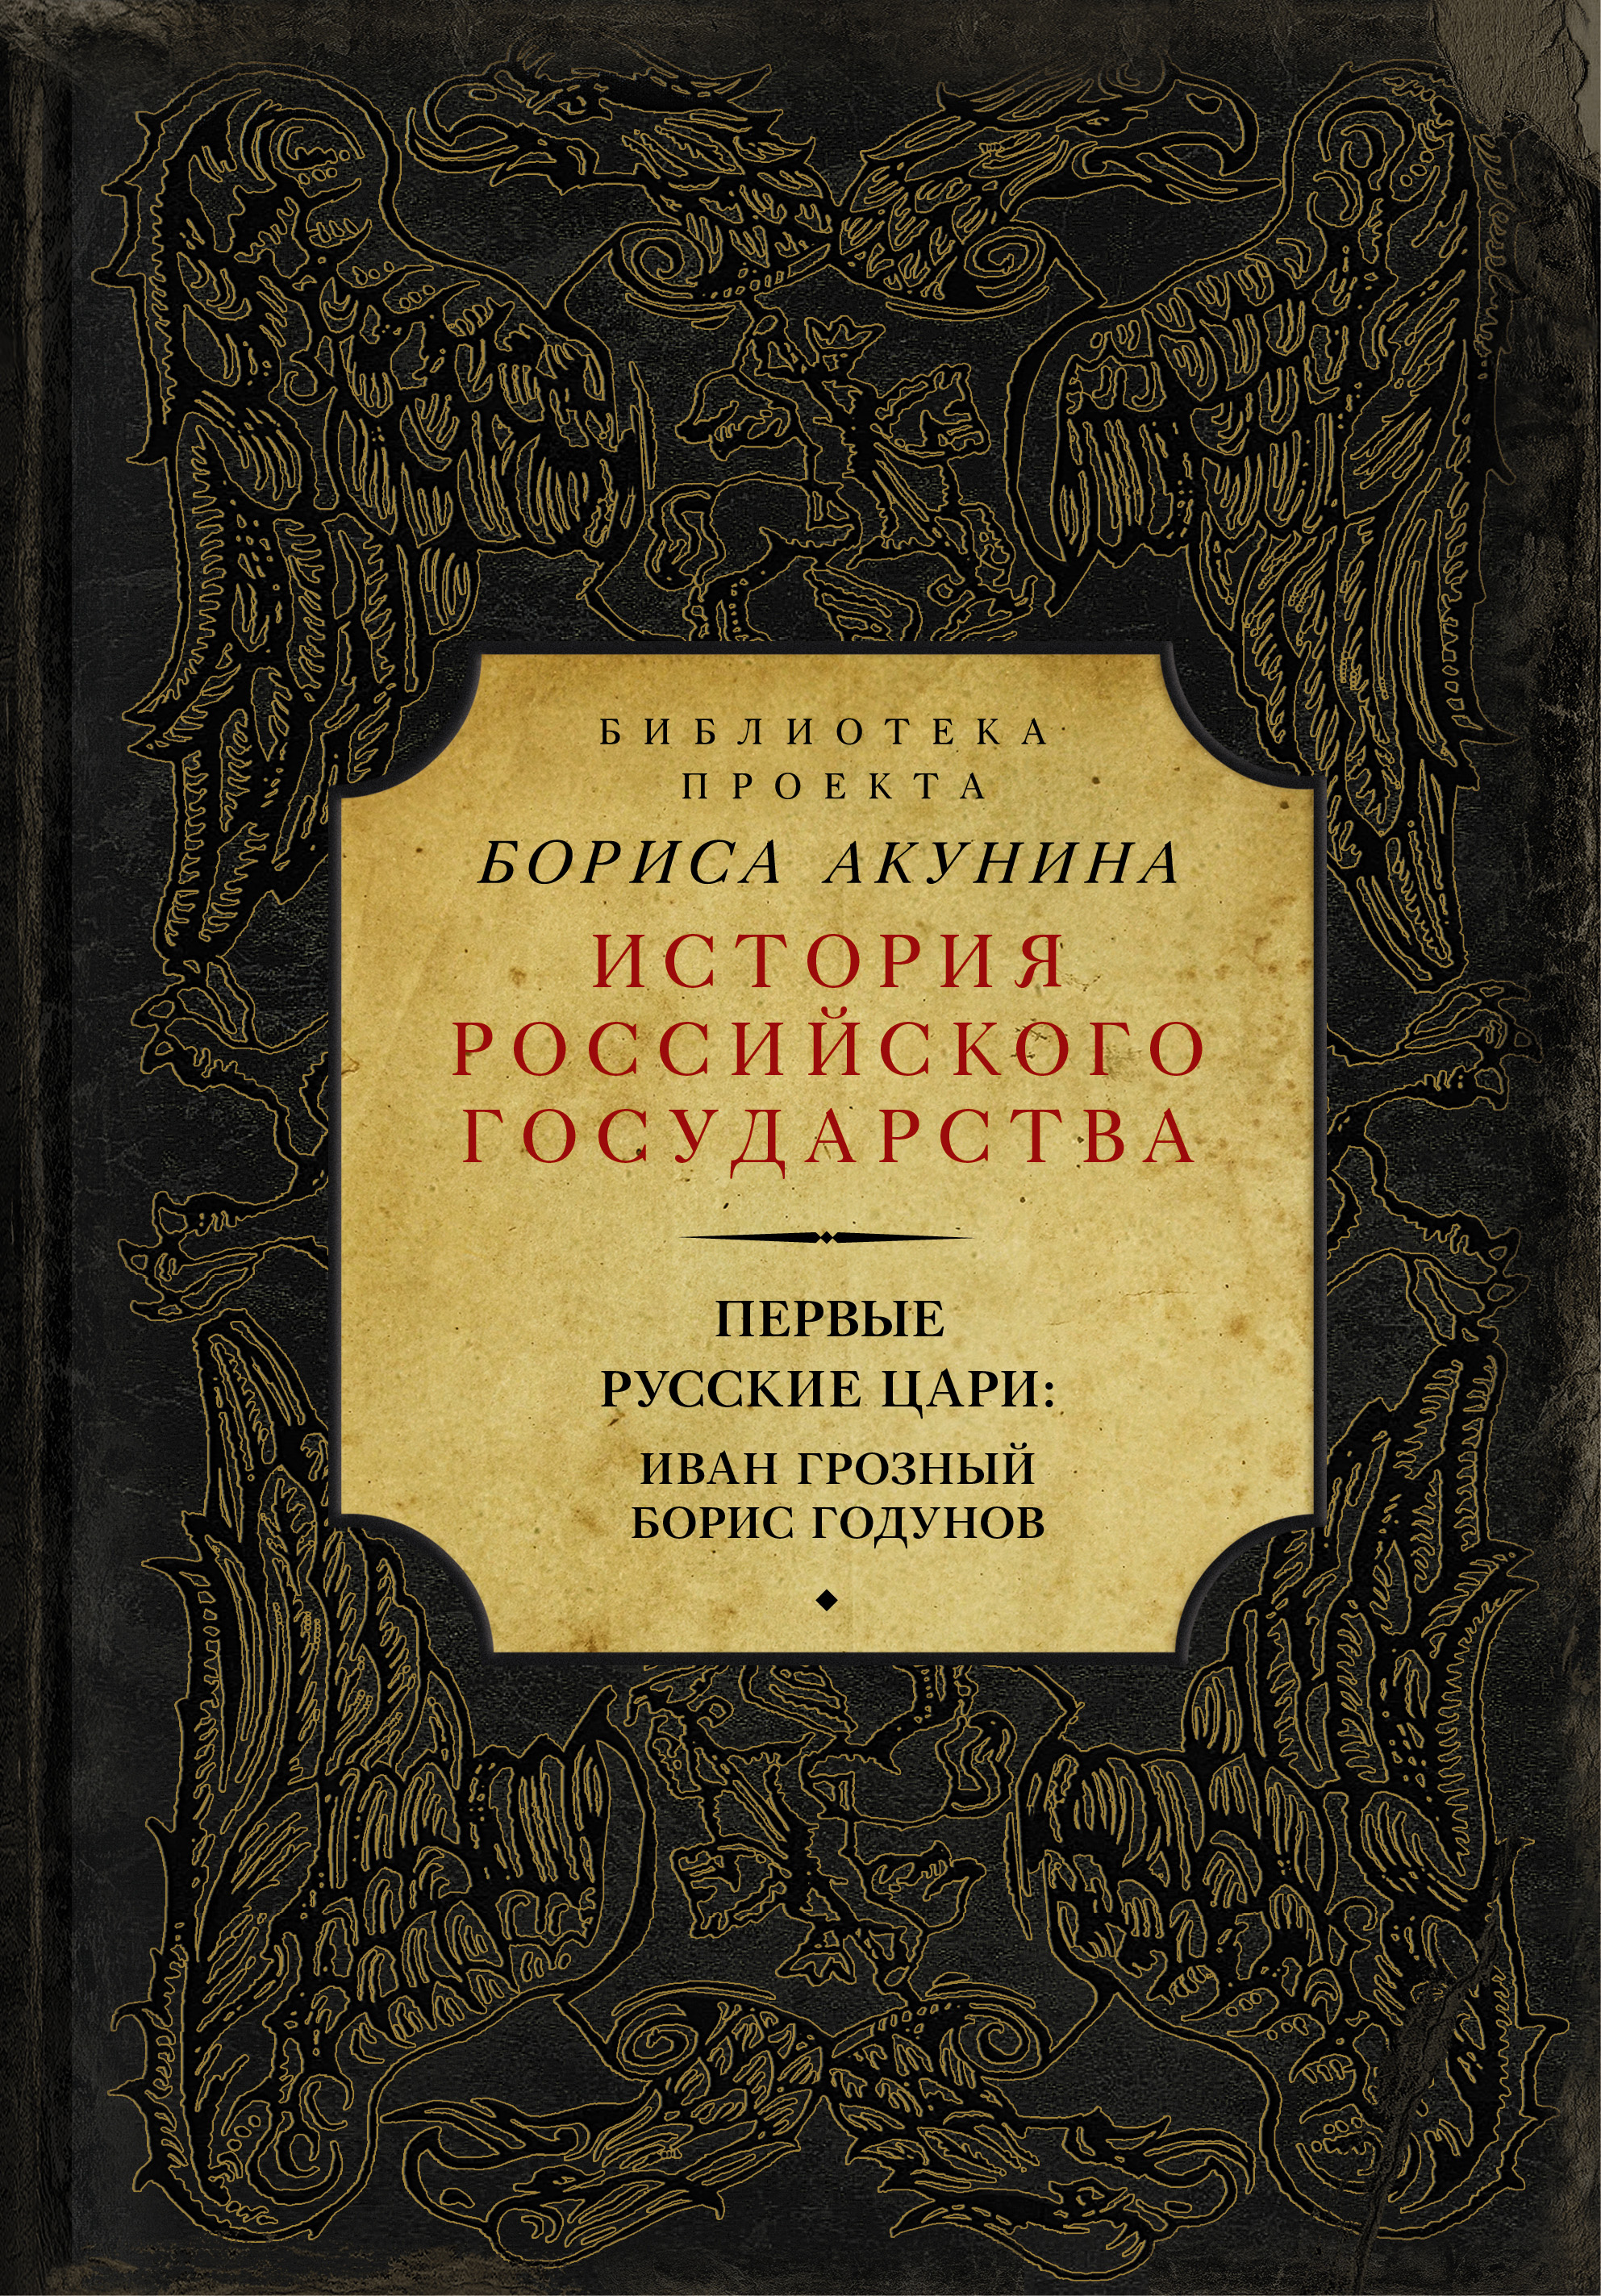 Первые русские цари: Иван Грозный, Борис Годунов (сборник)